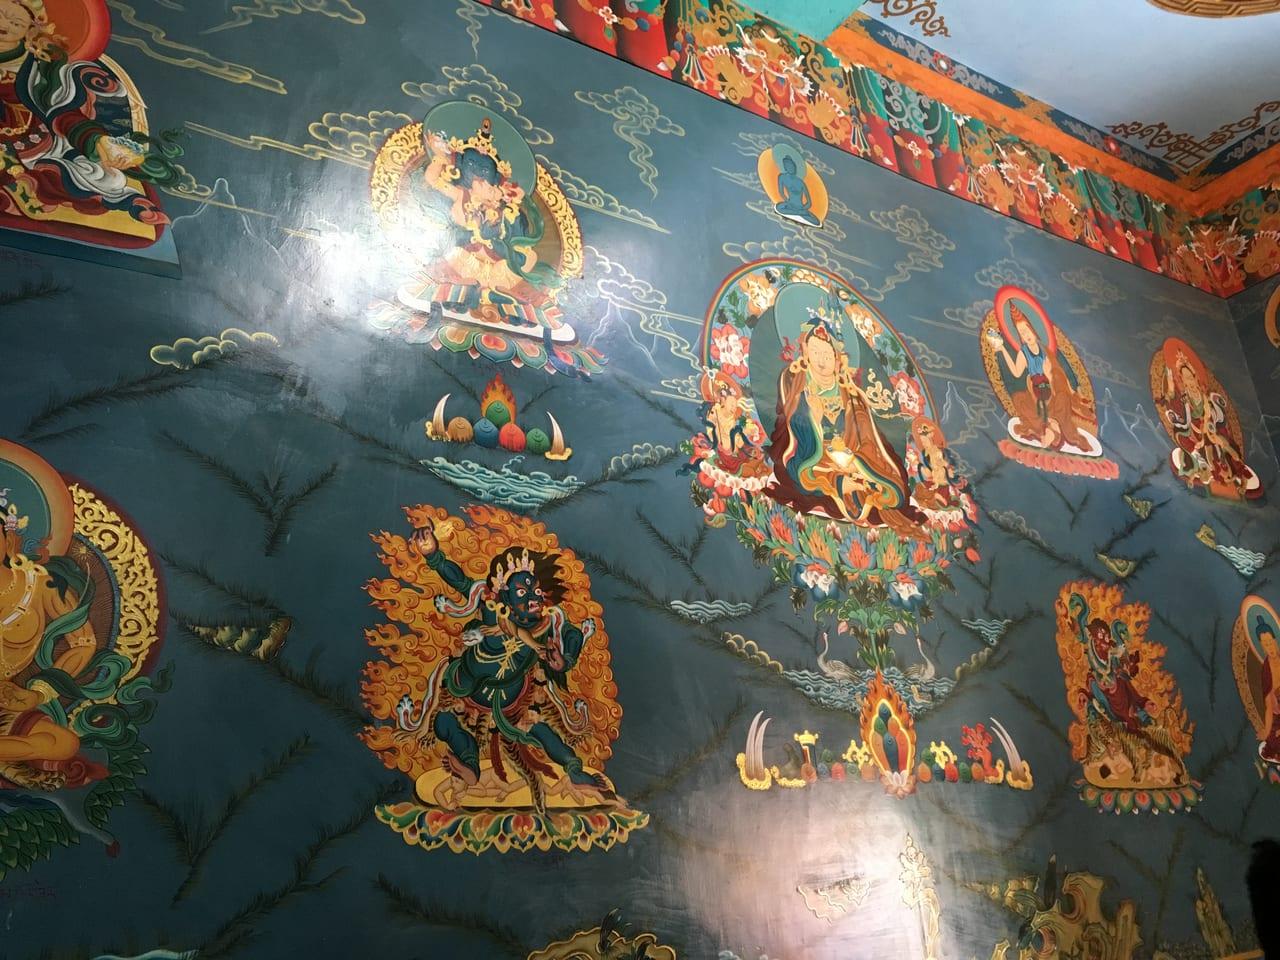 マニ堂の中の壁画